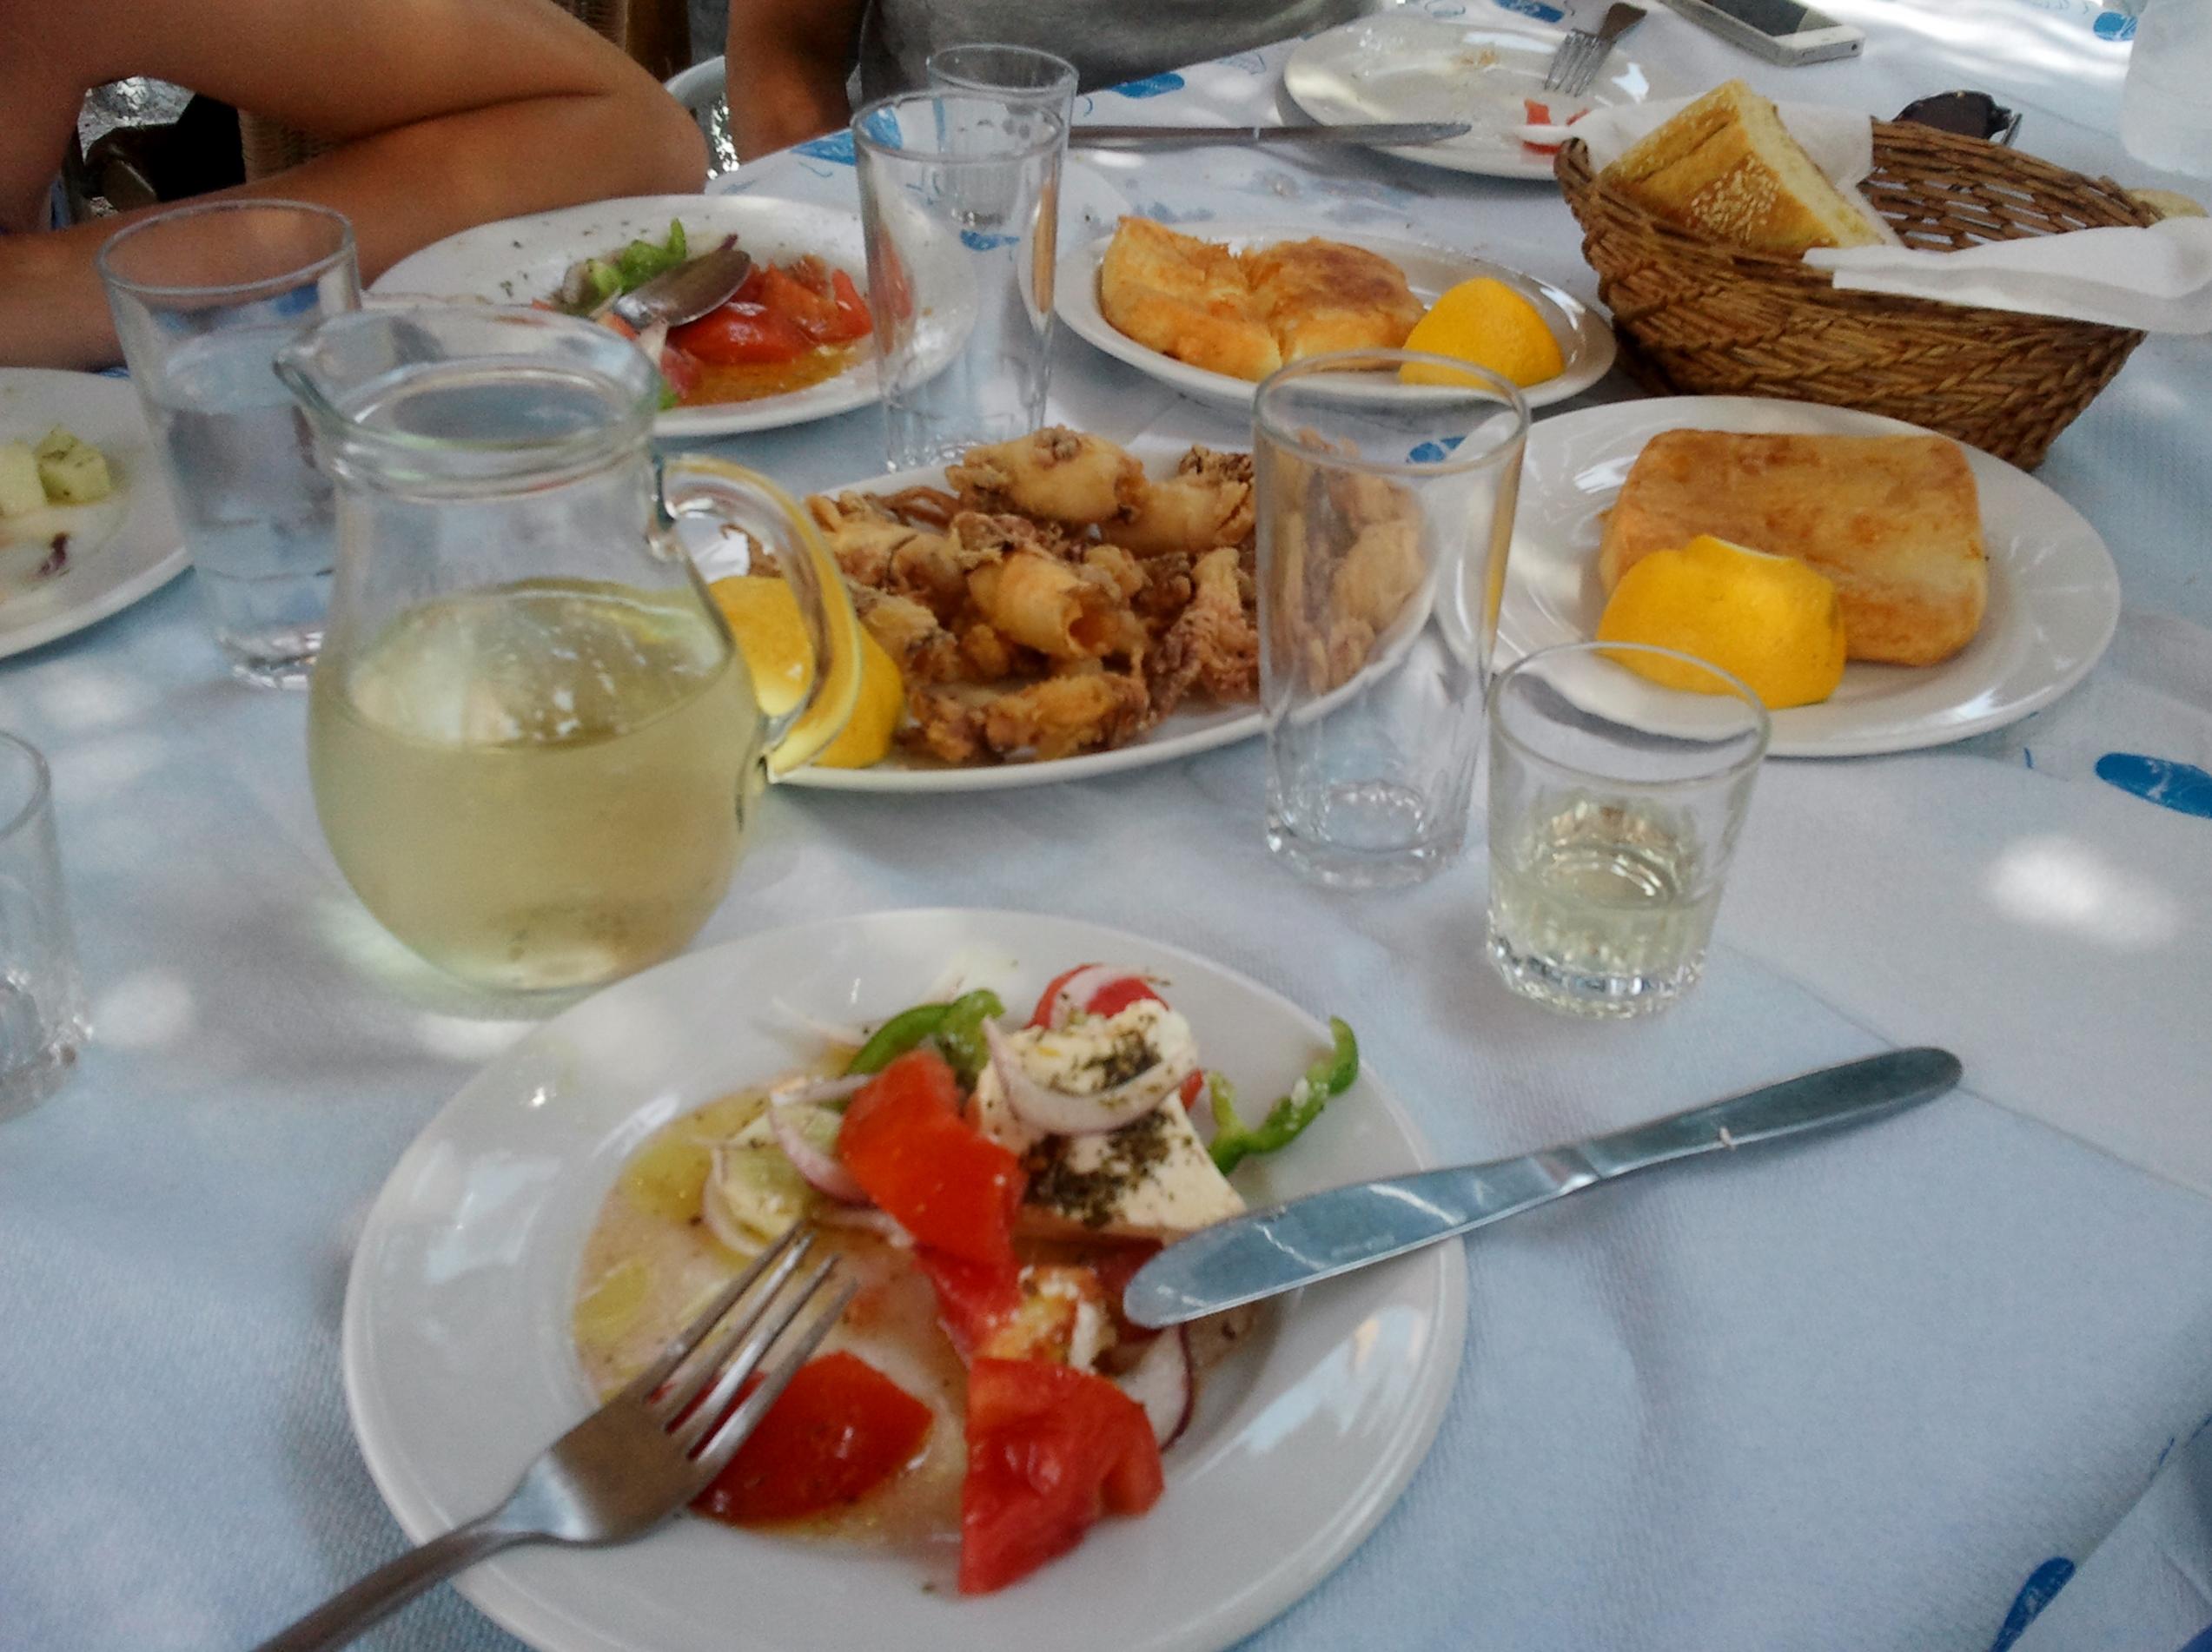 Sojarose e tutti quanti la cuisine grecque for Cuisine grecque